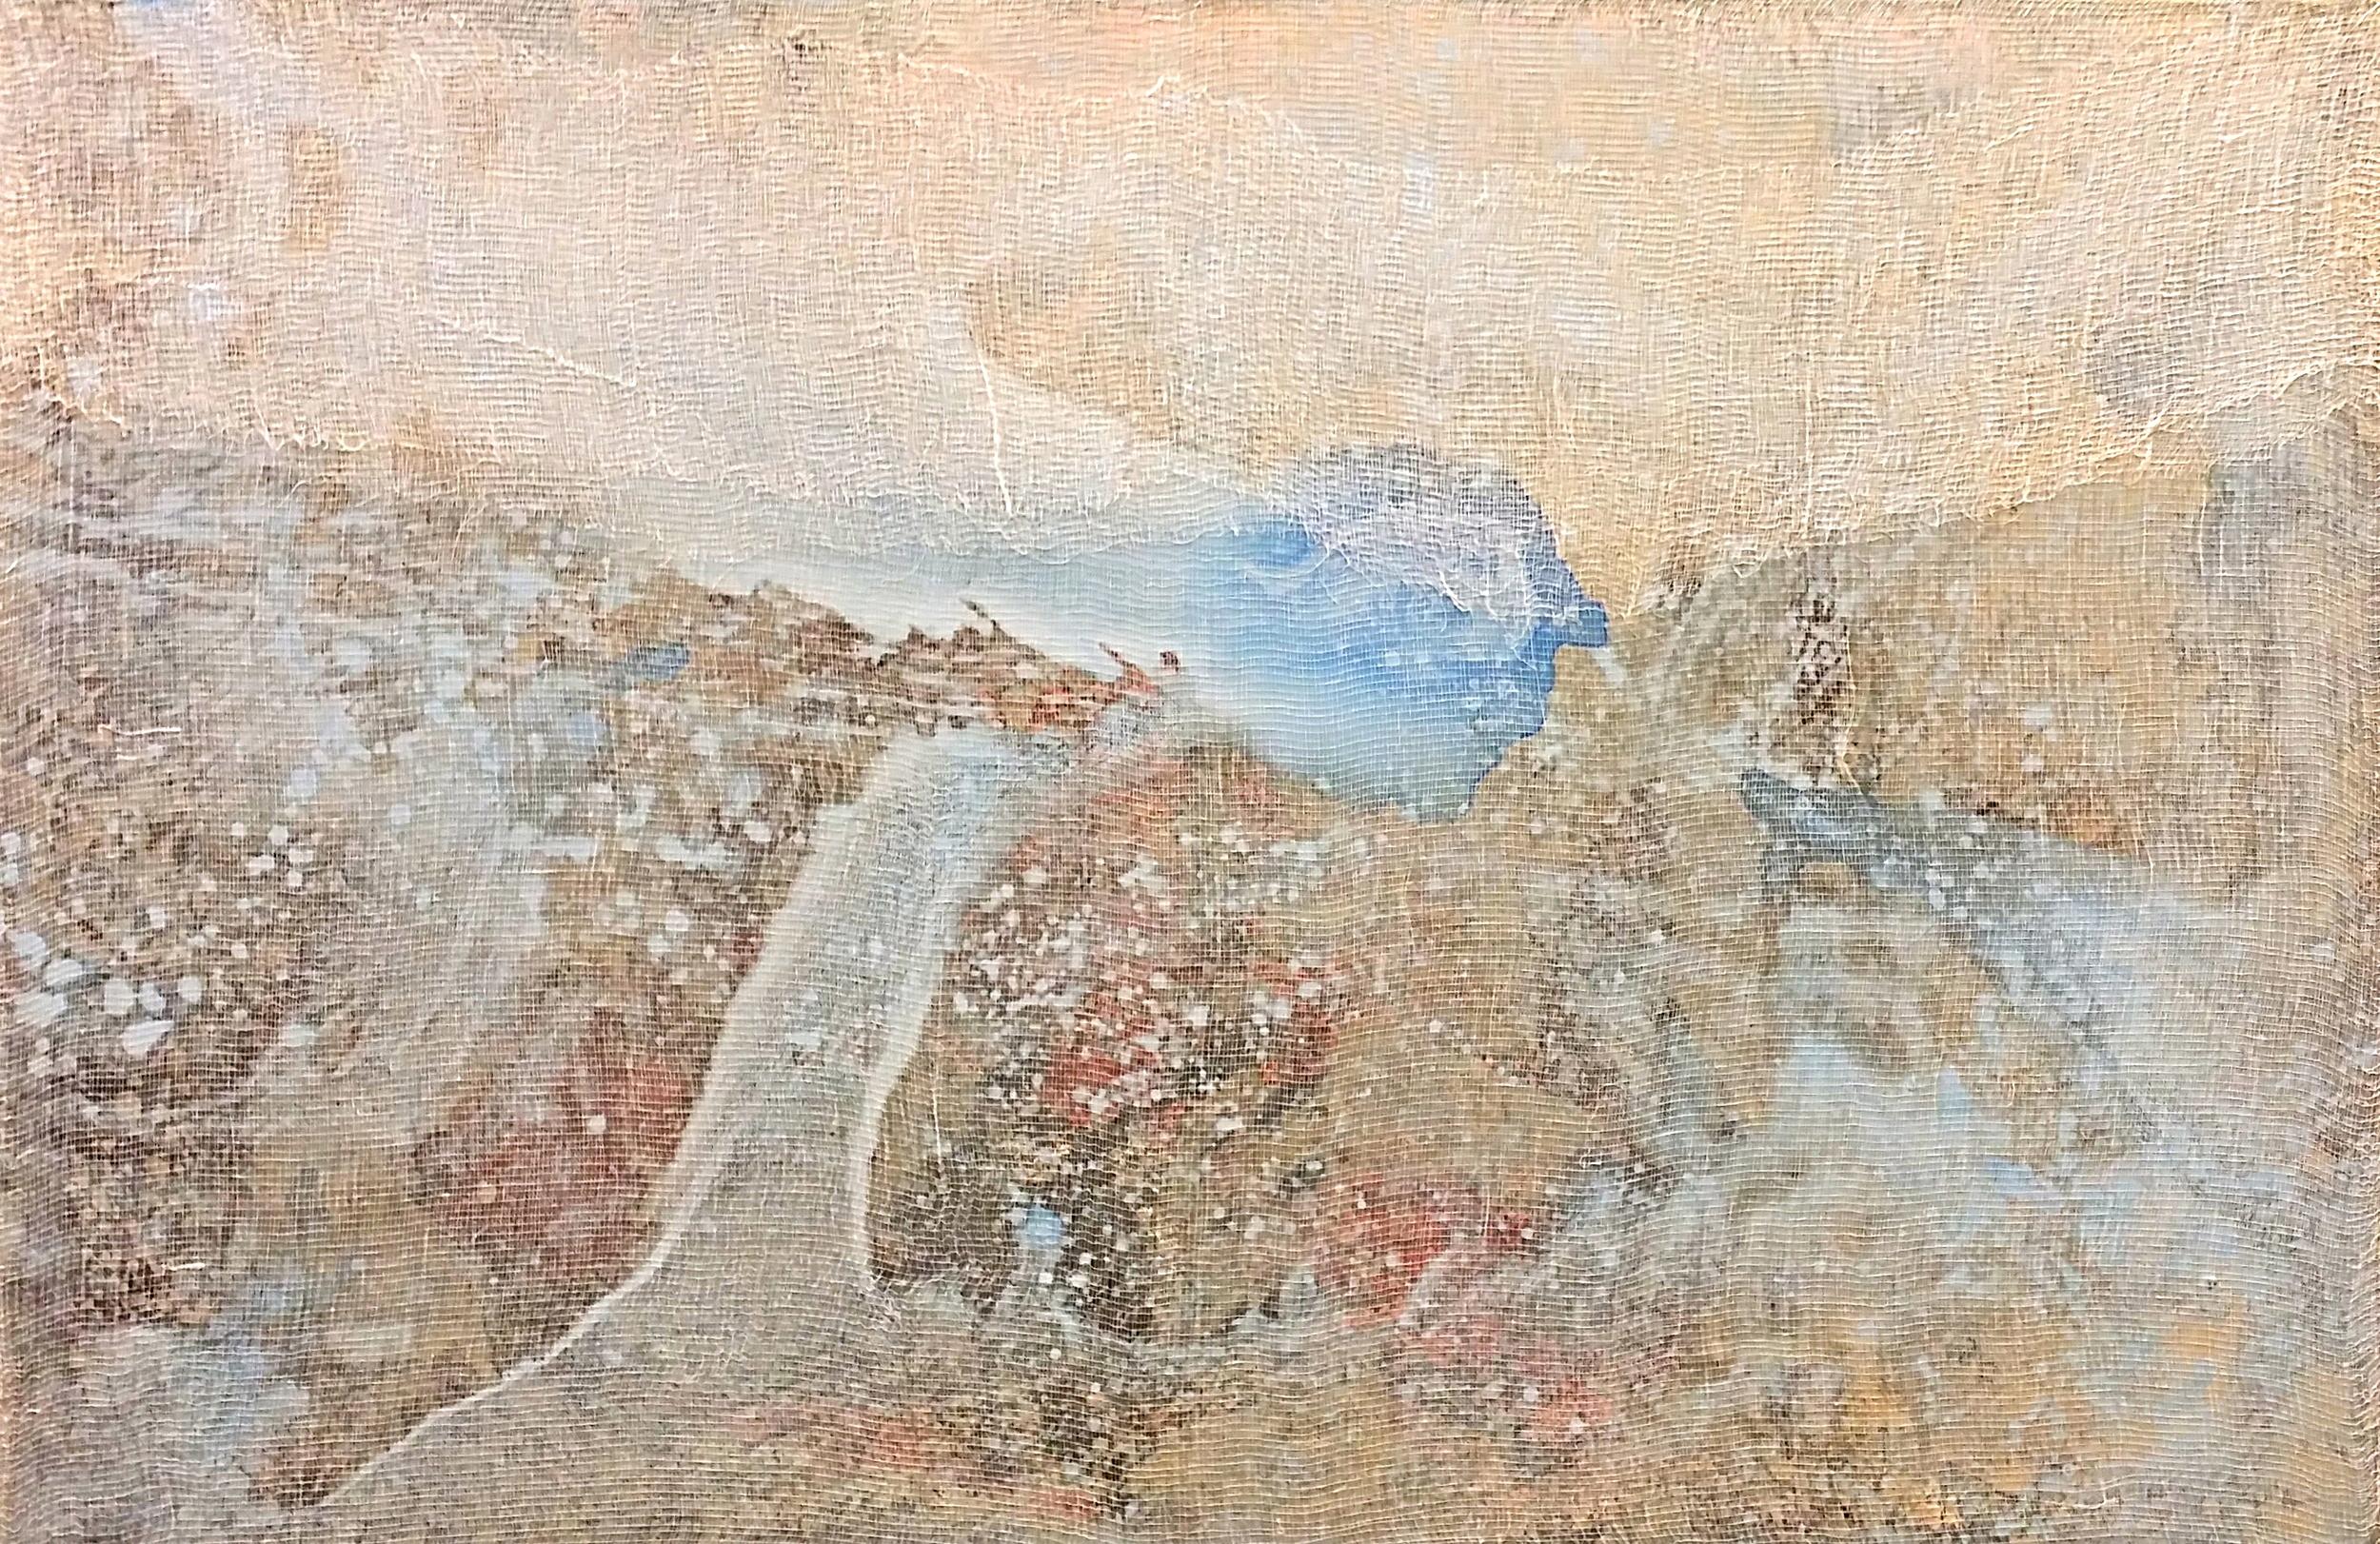 Tiepolo Graffiti 480, 2015  Acqua e Terra  24 x 36 inches